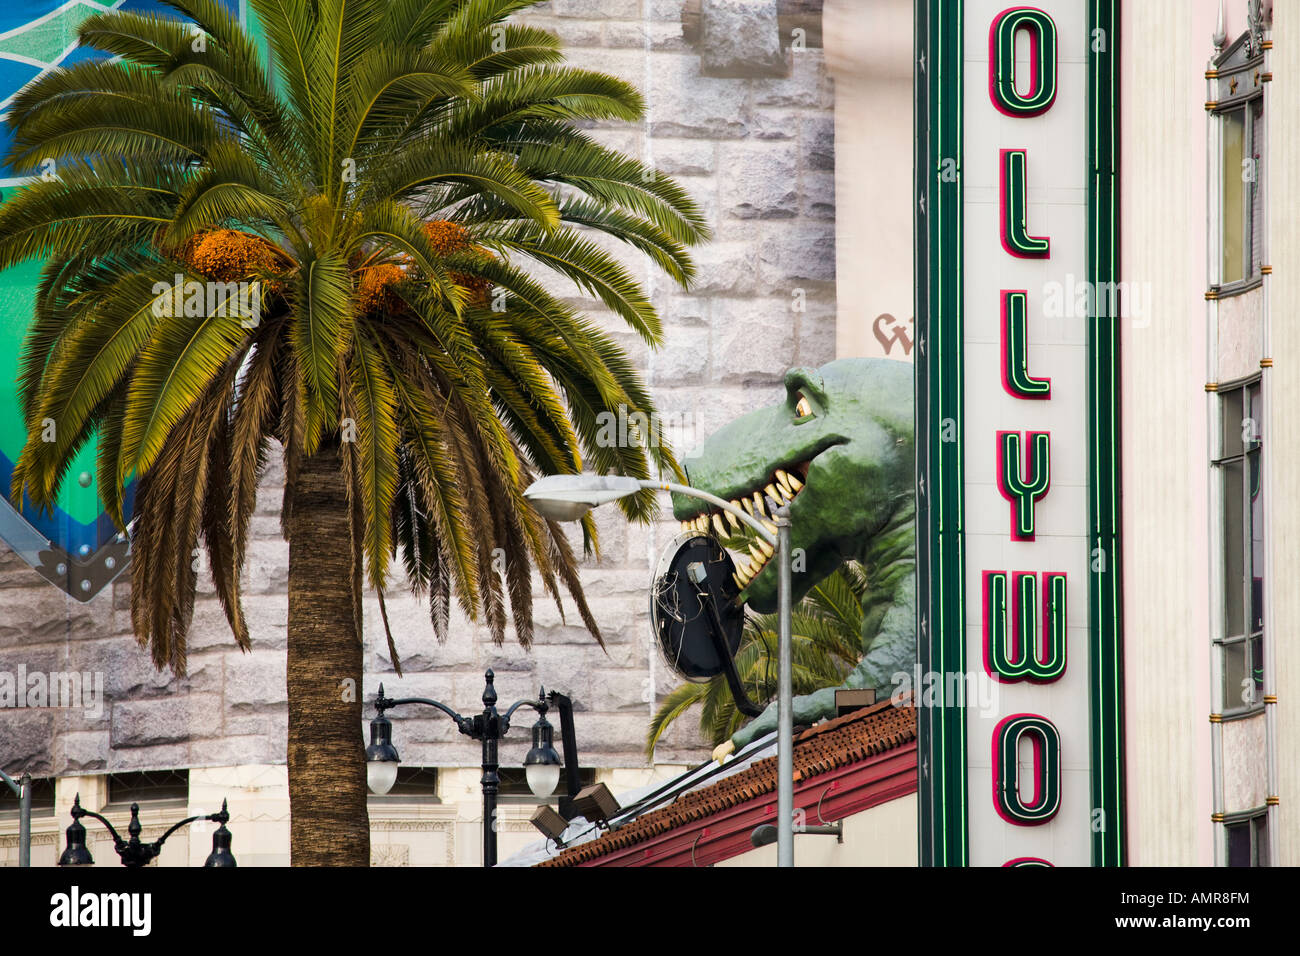 Highland Ave montrant à la fois le musée d'Hollywood et Ripley s croyez-le ou non Photo Stock